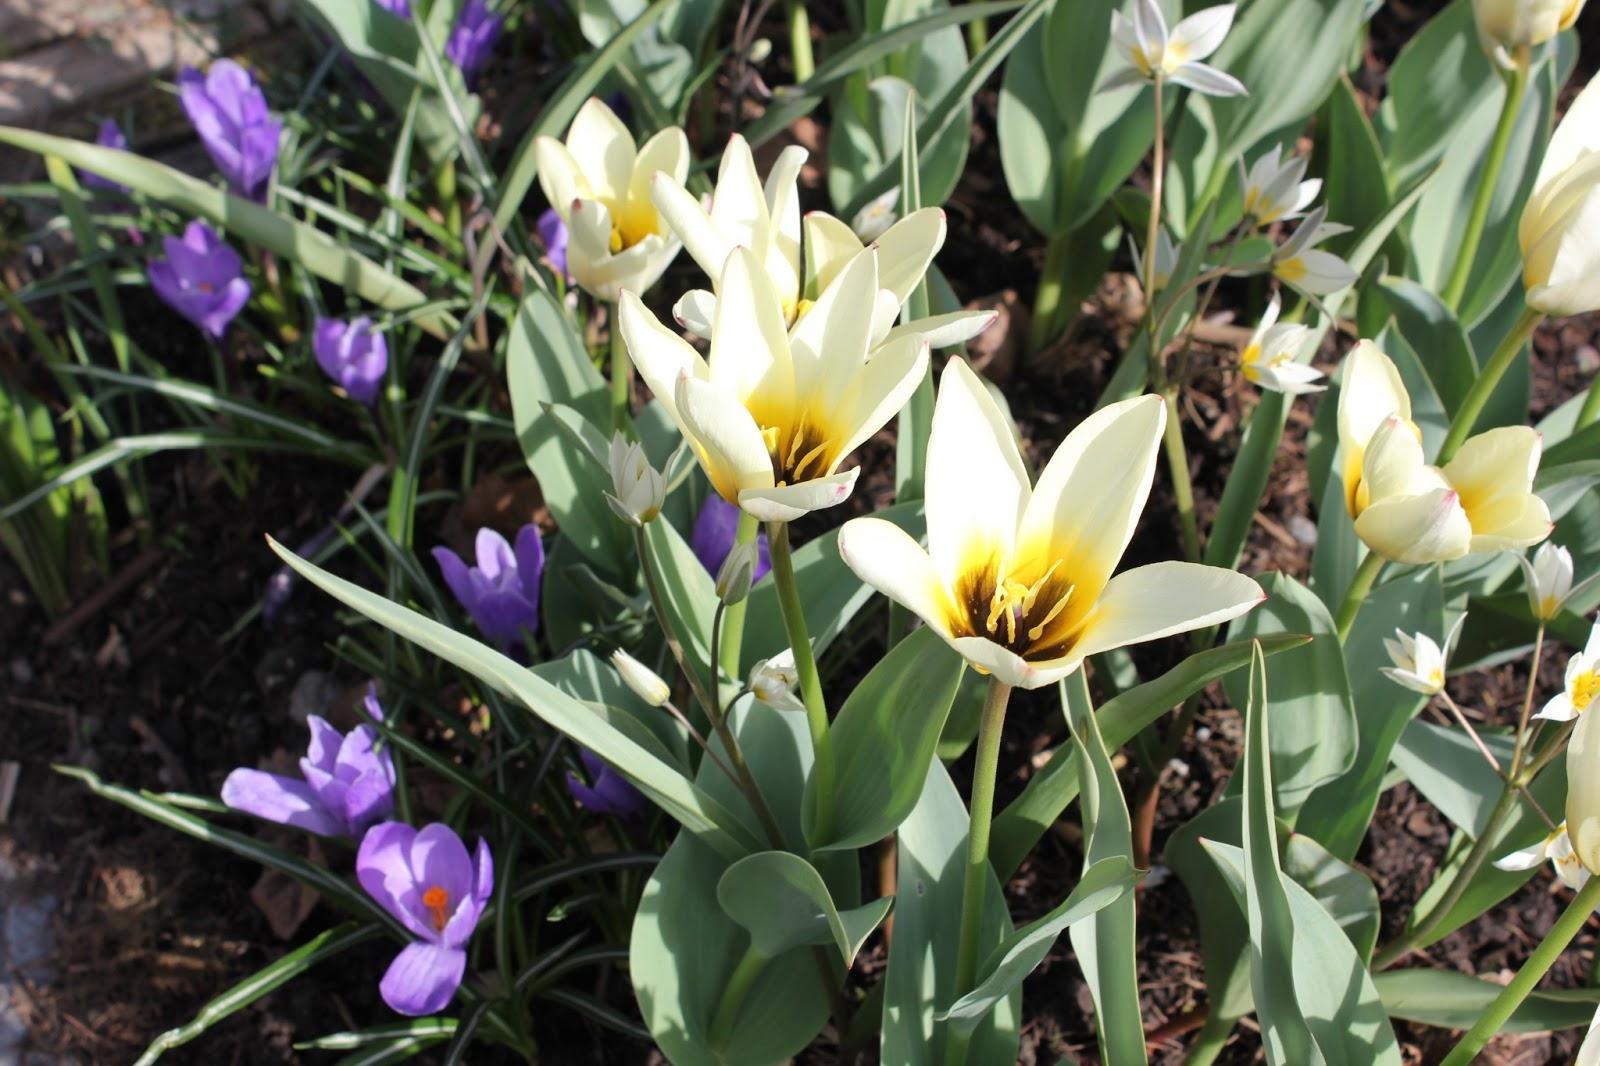 hagen vår: Botaniske tulipaner